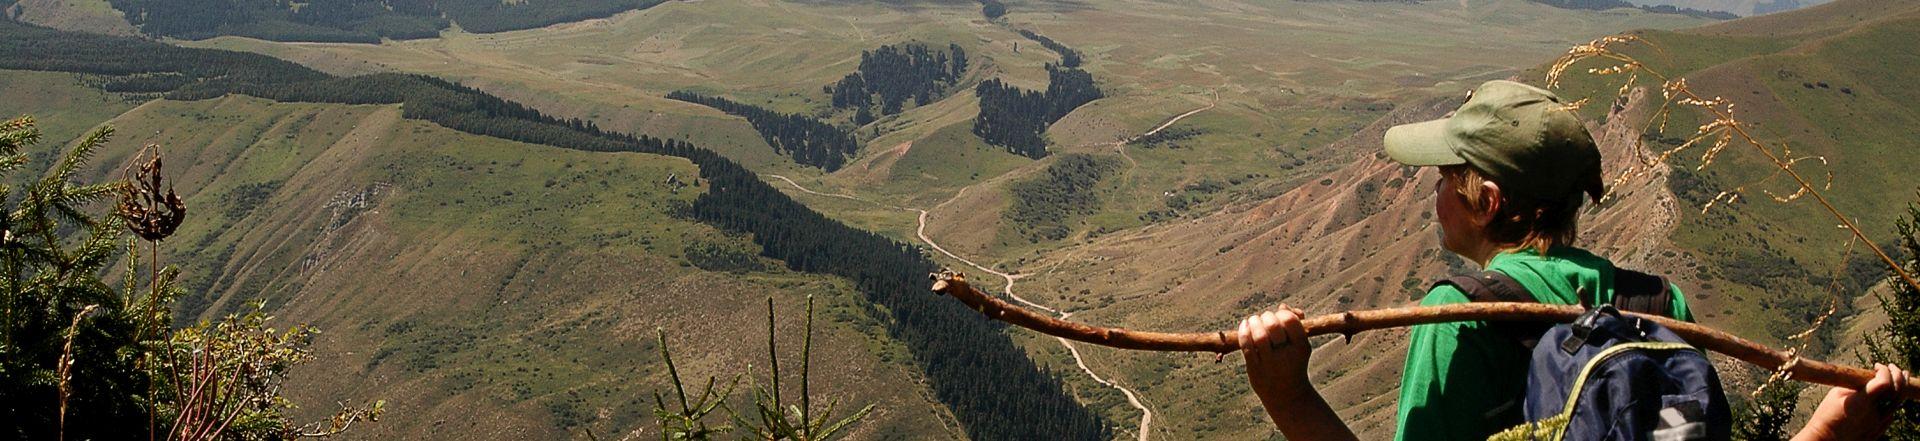 טיול מאורגן לקירגיזסטן -  אל חבלי ארץ בתוליים, שבטים נודדים ומנהגים פגאניים